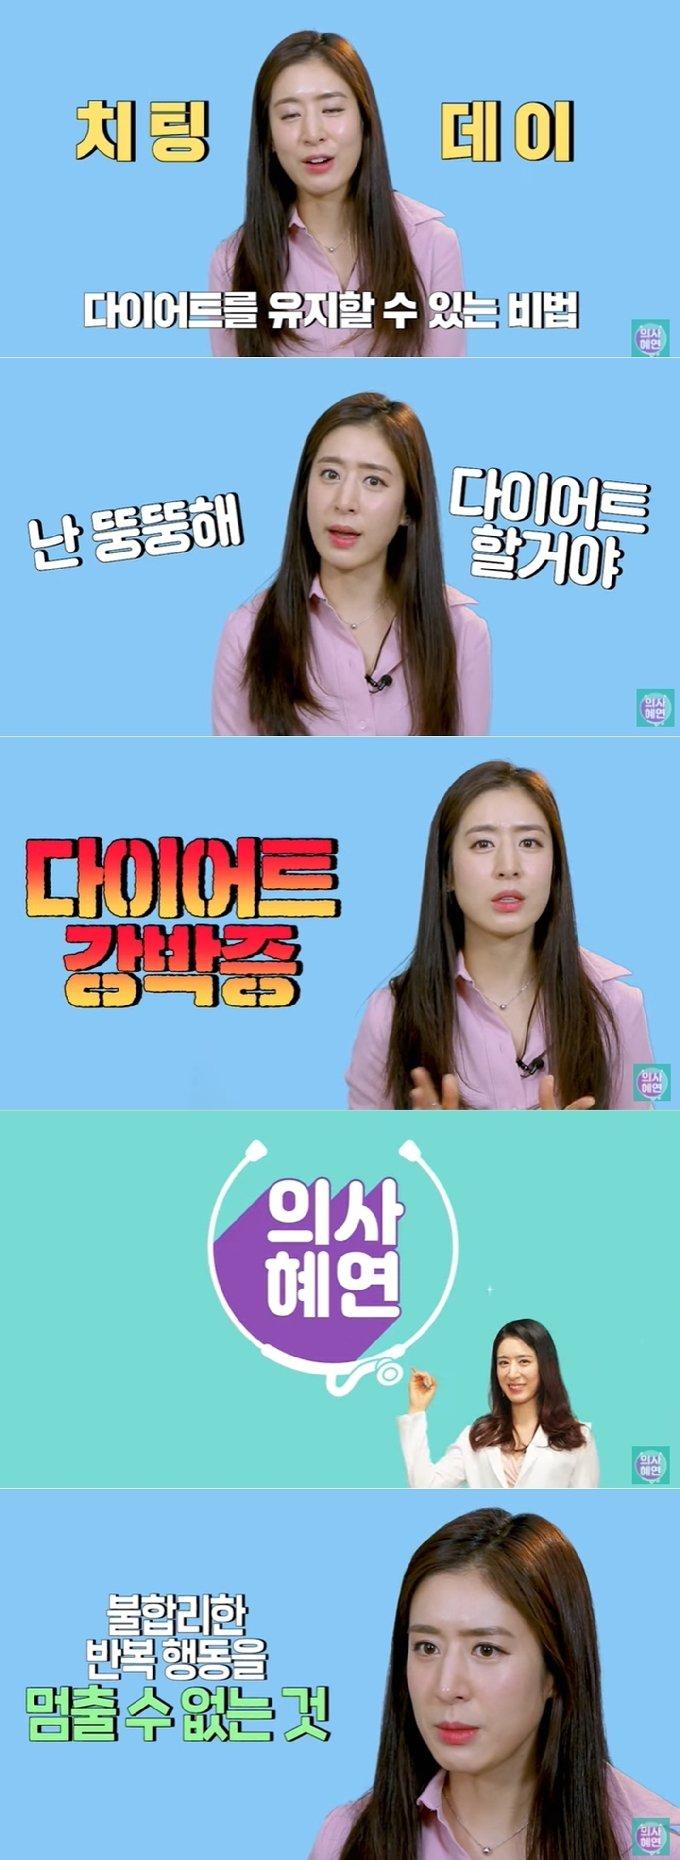 유튜브 채널 '의사혜연' 유튜브 영상 갈무리 © 뉴스1